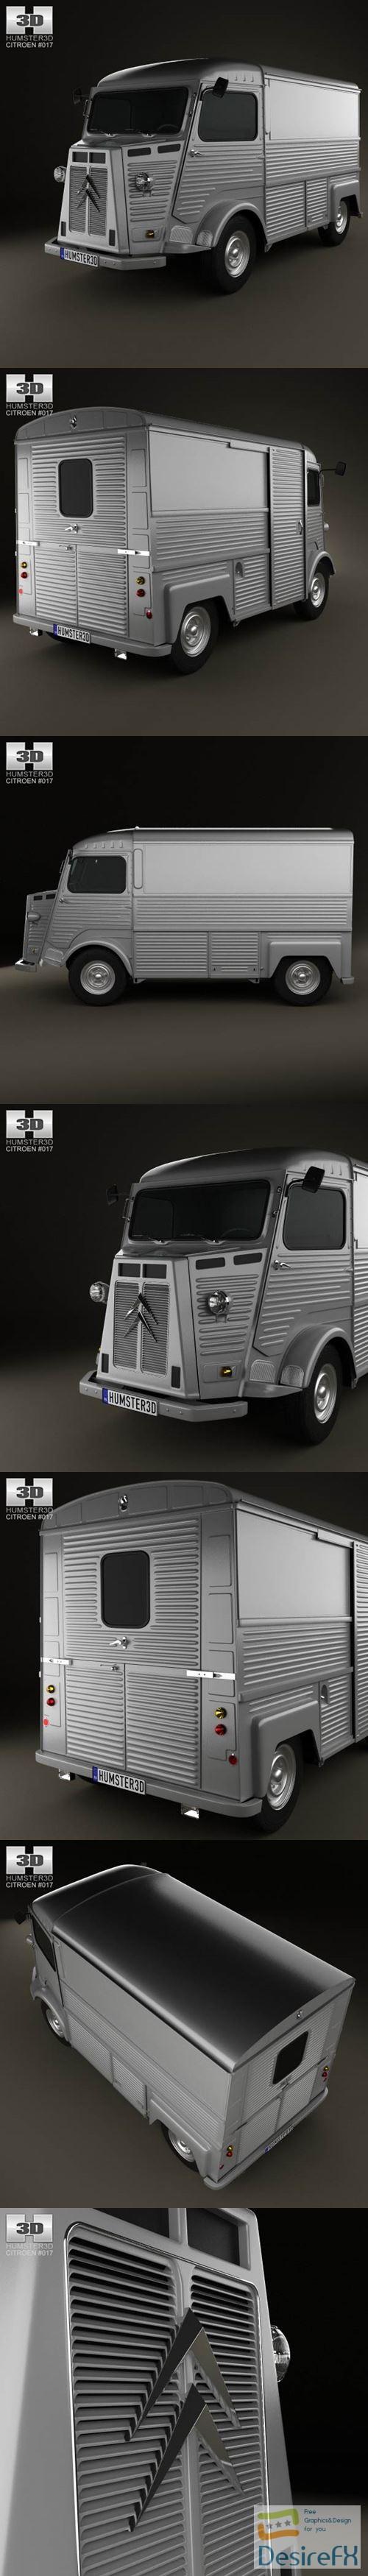 3d-models - Citroen H Van 1980 3D Model